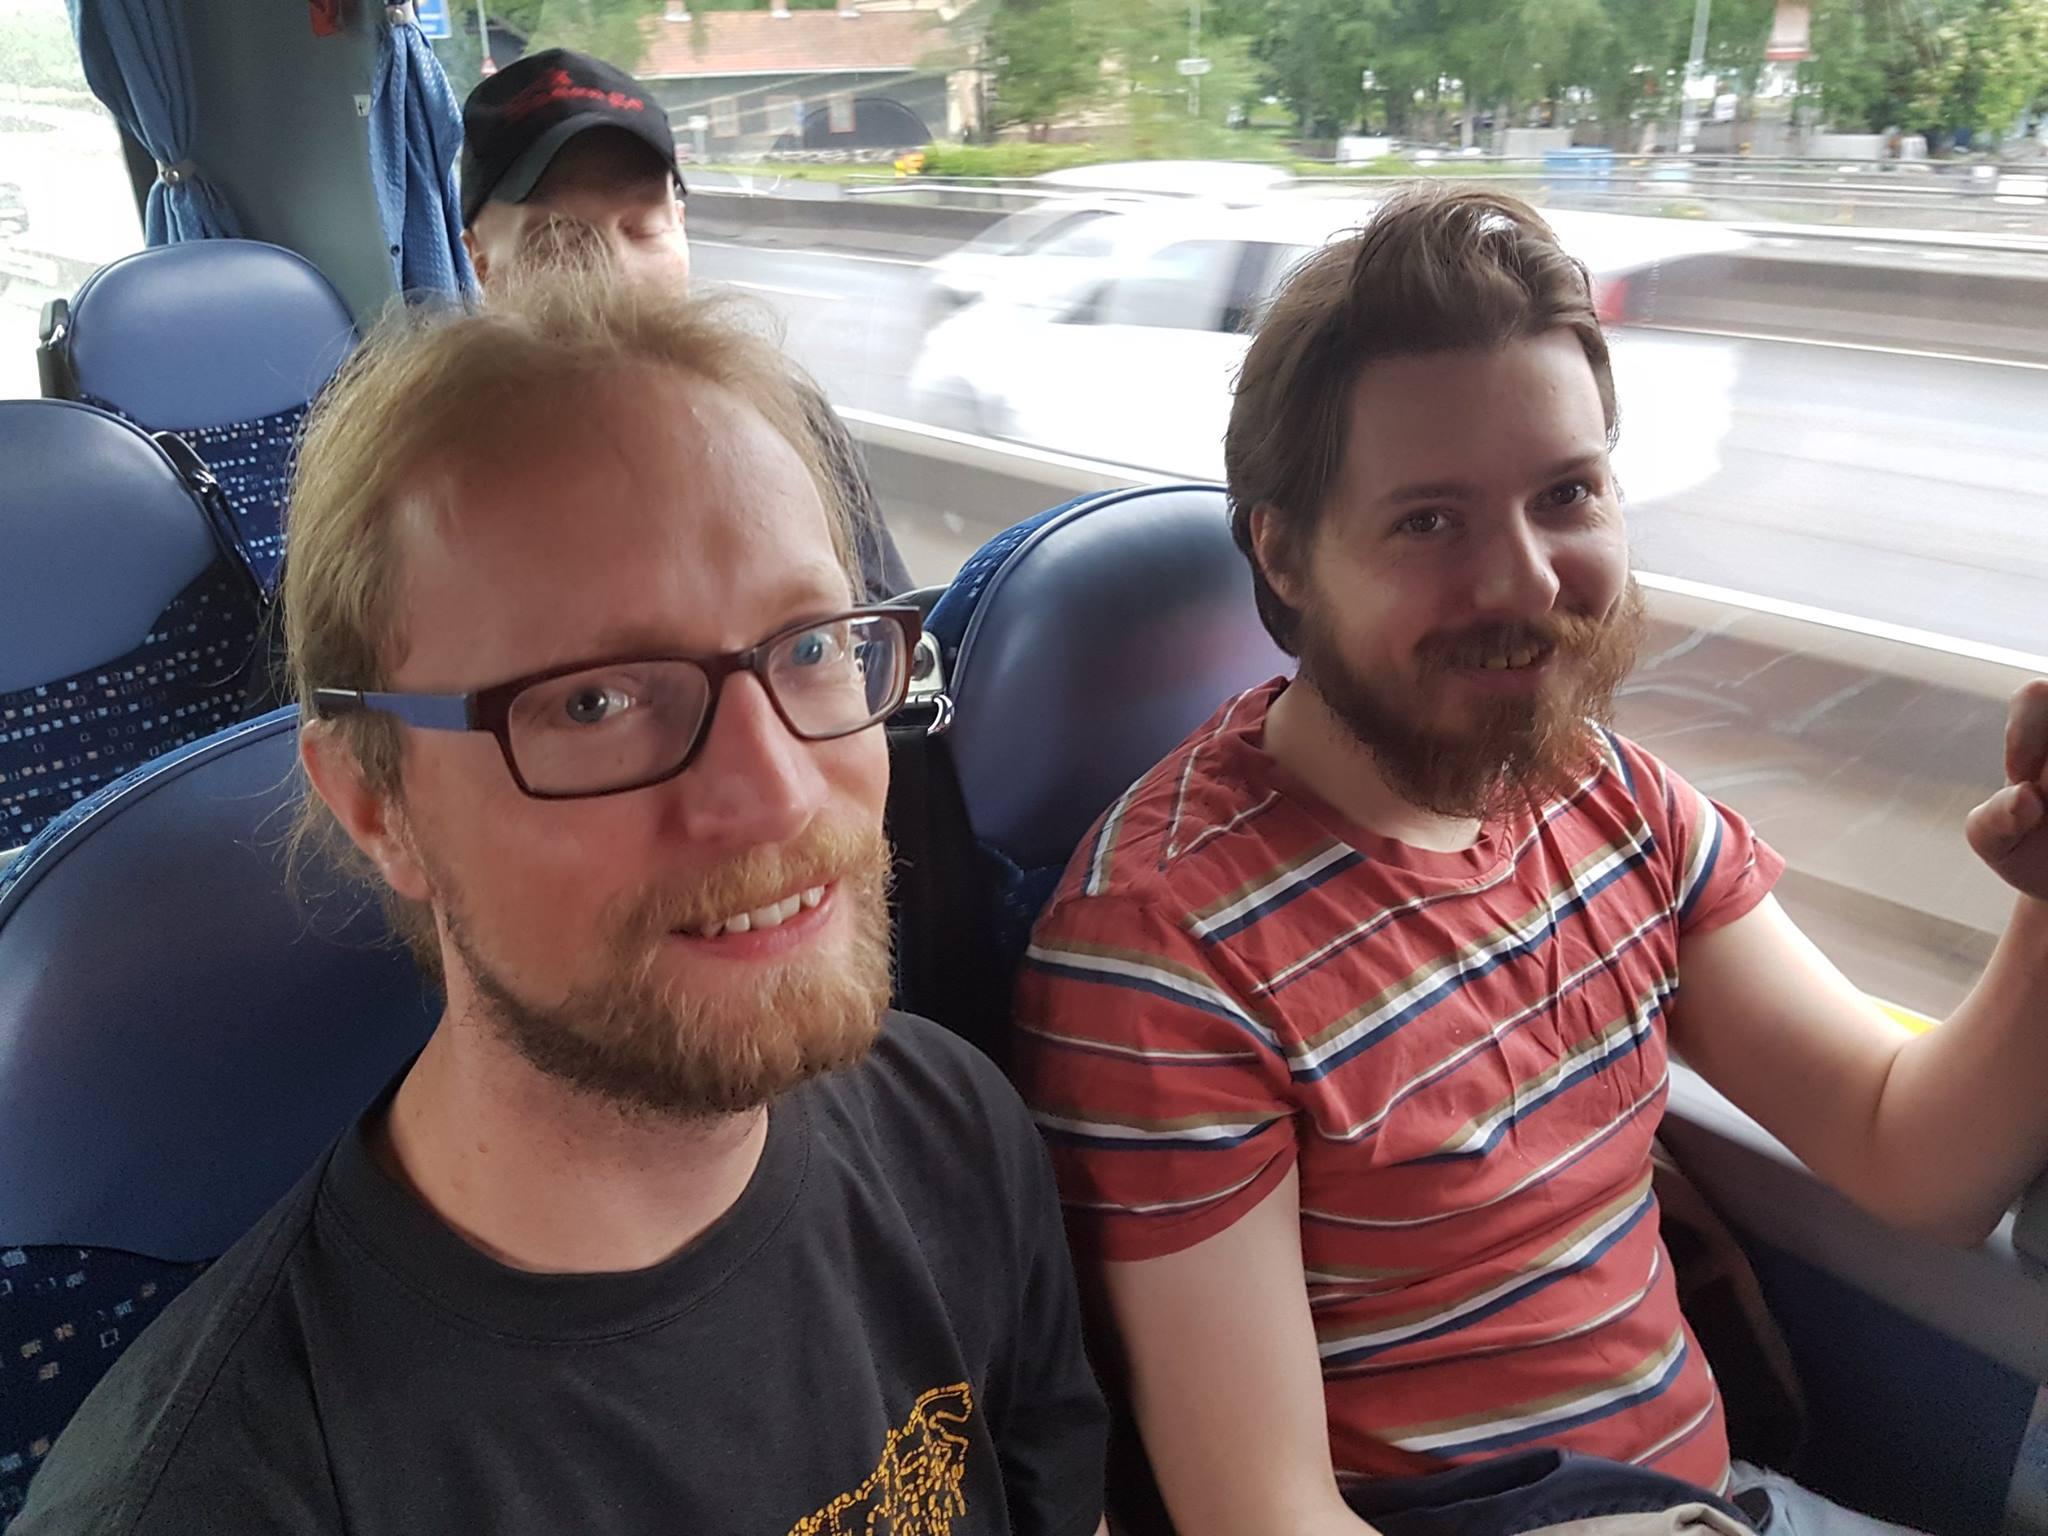 The beard boys...